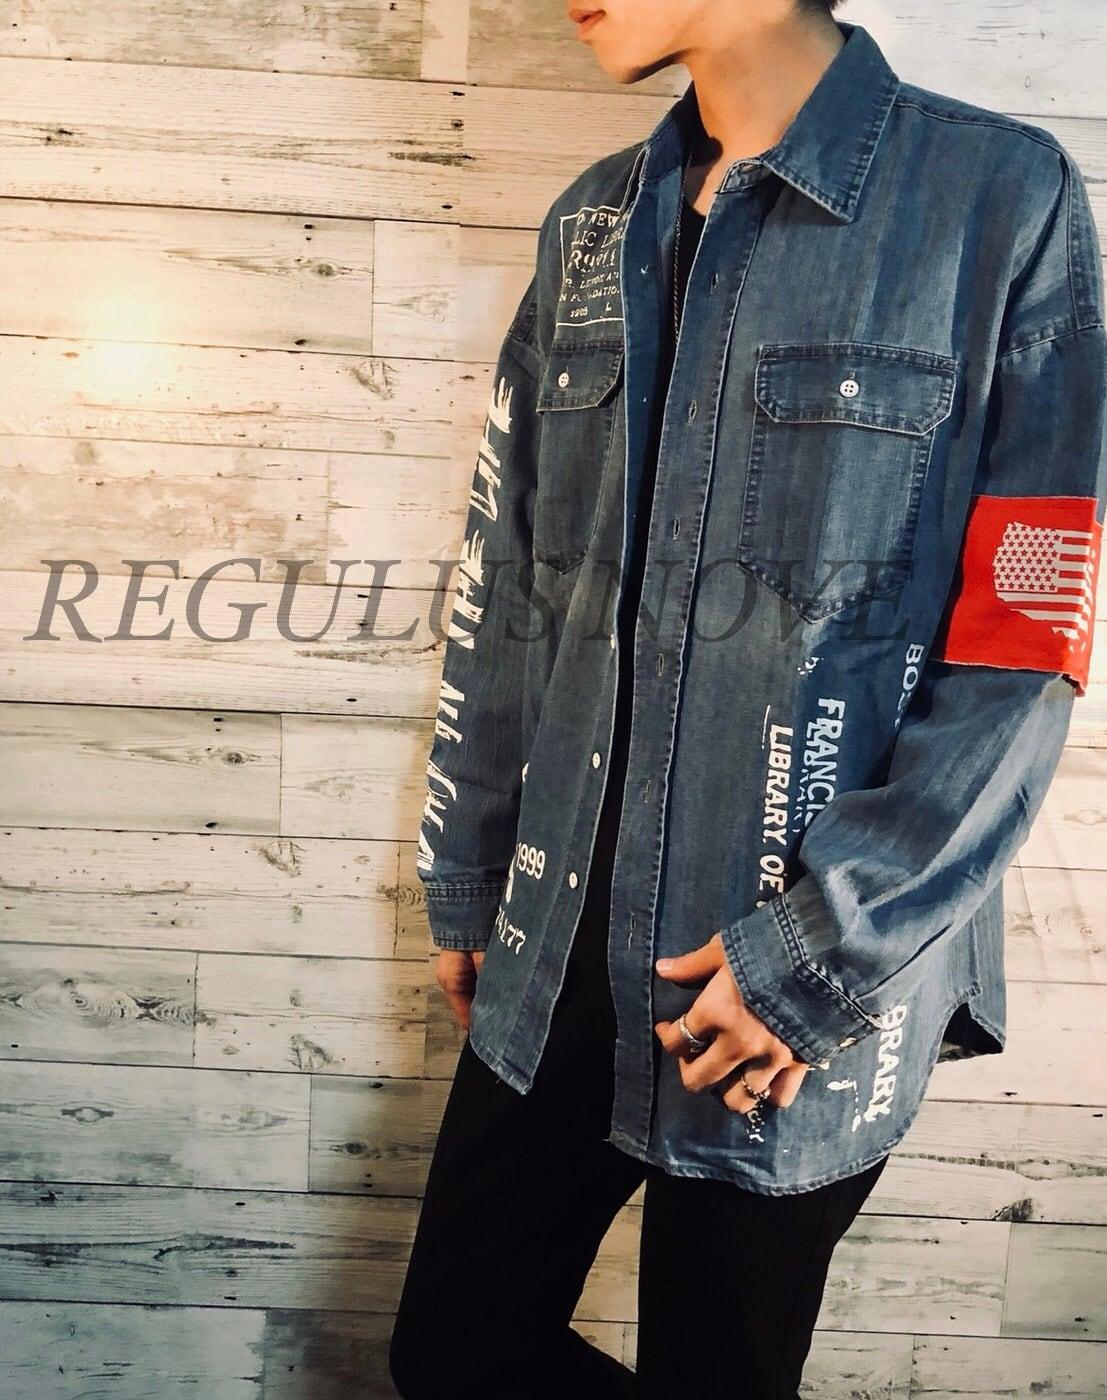 ユニセックス デザインBIGシルエットデニムシャツ SAX レディース メンズ   オーバーサイズ 大きいサイズ 派手 個性的 ストリート ロック